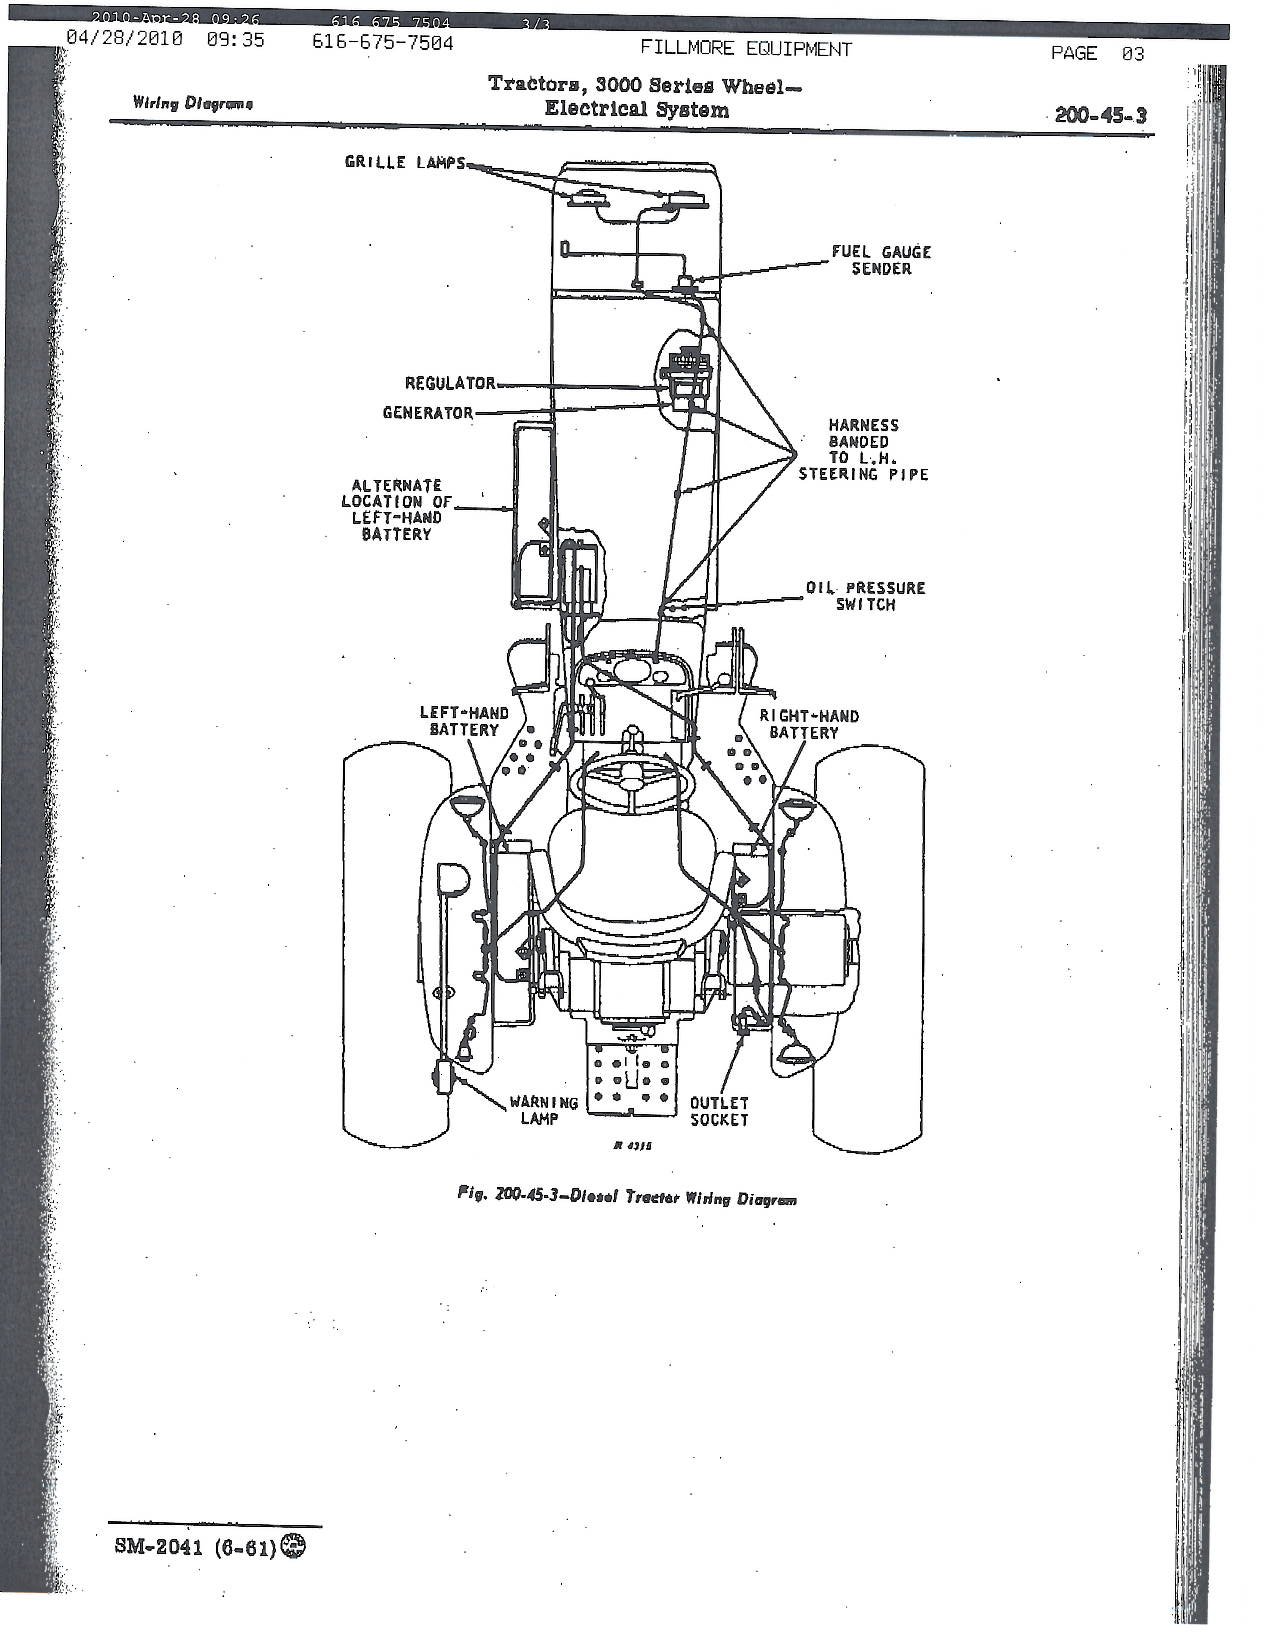 john deere 2155 wiring diagram free picture john deere 3010 wiring diagram wiring diagrams dat  john deere 3010 wiring diagram wiring